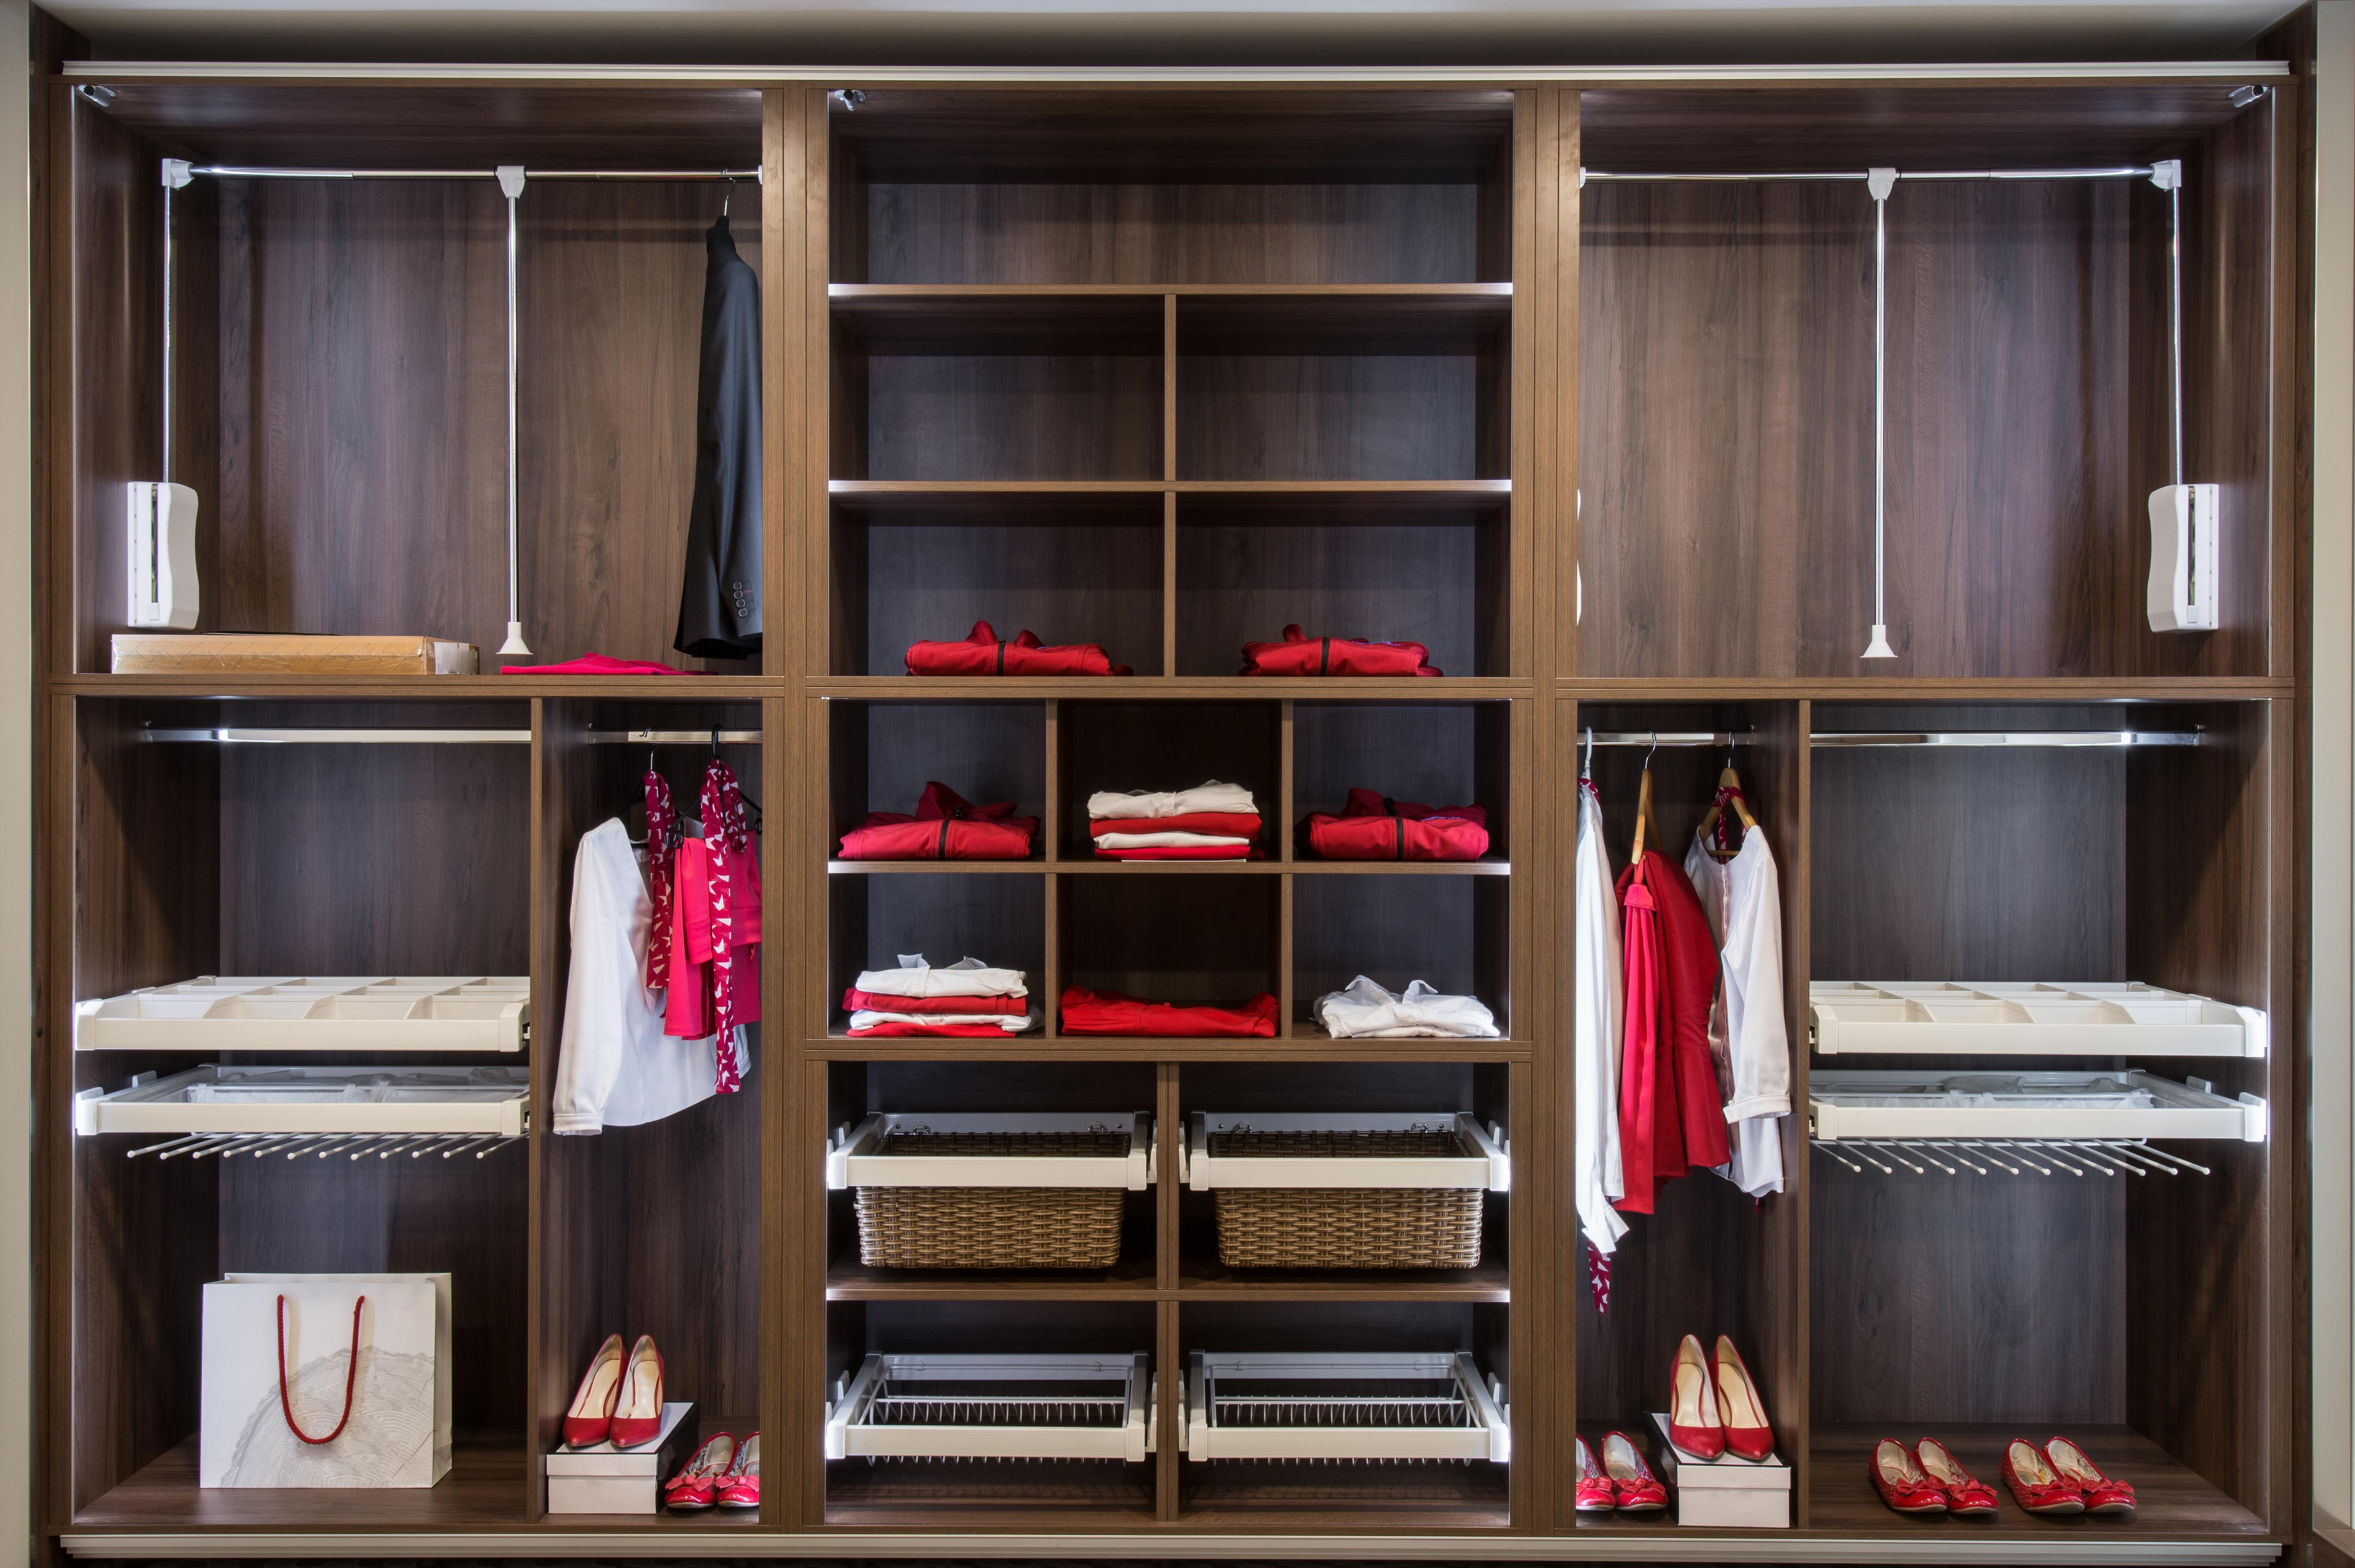 Dise o de armarios configurar un armario empotrado bjc - Como organizar un armario empotrado pequeno ...